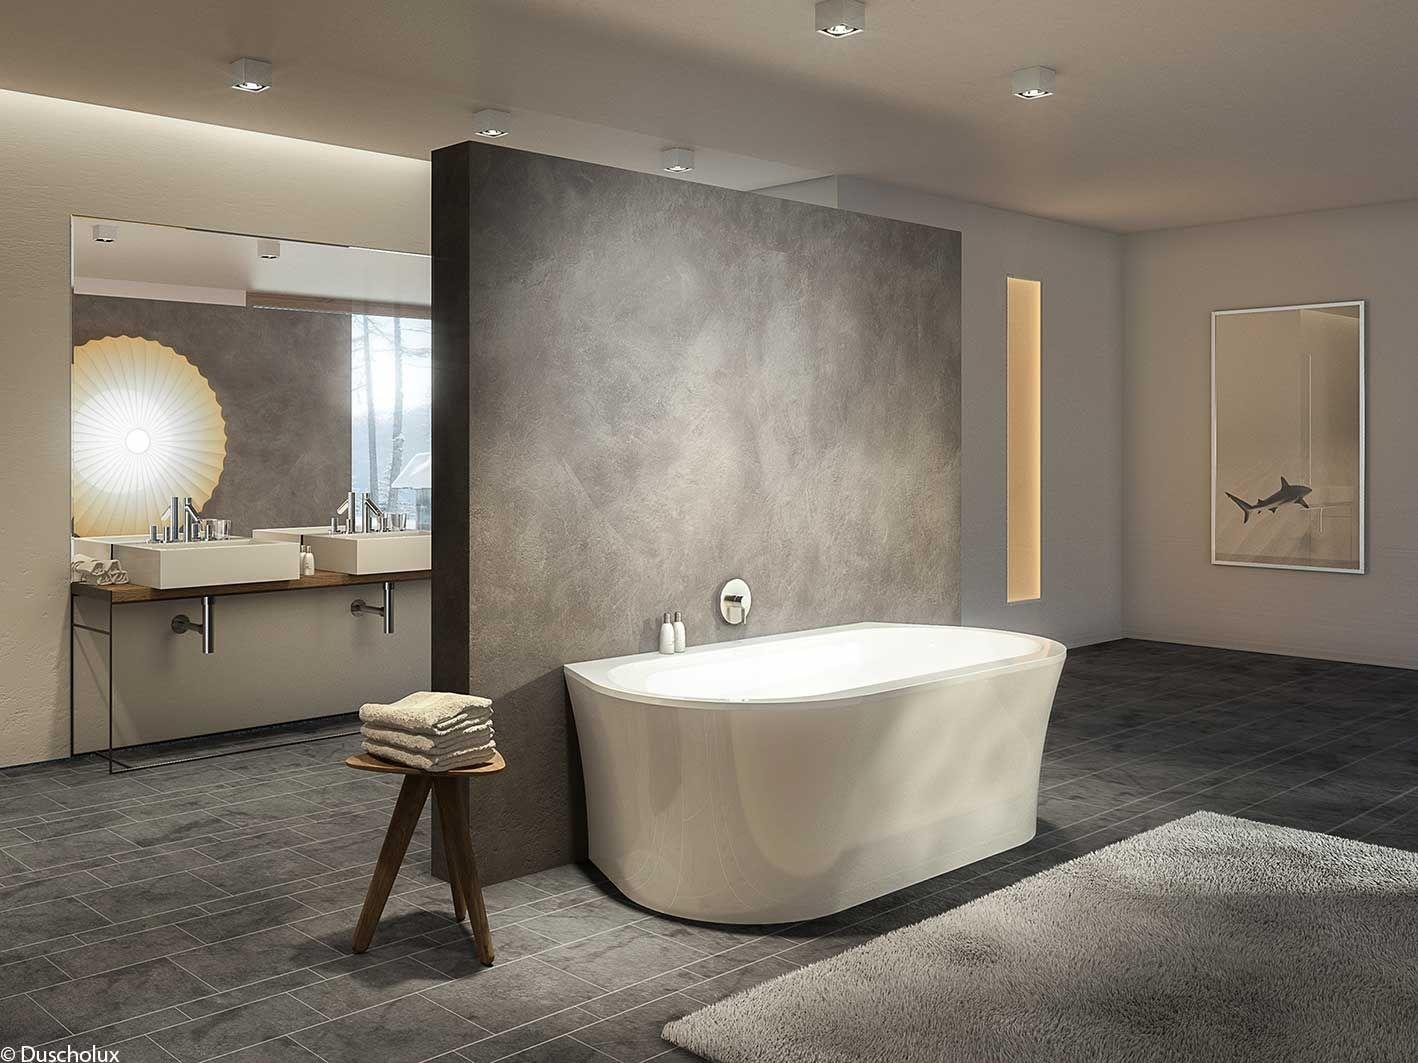 Badkamer Vrijstaand Bad : Badkamer vrijstaand bad eenvoudig info over badkamers